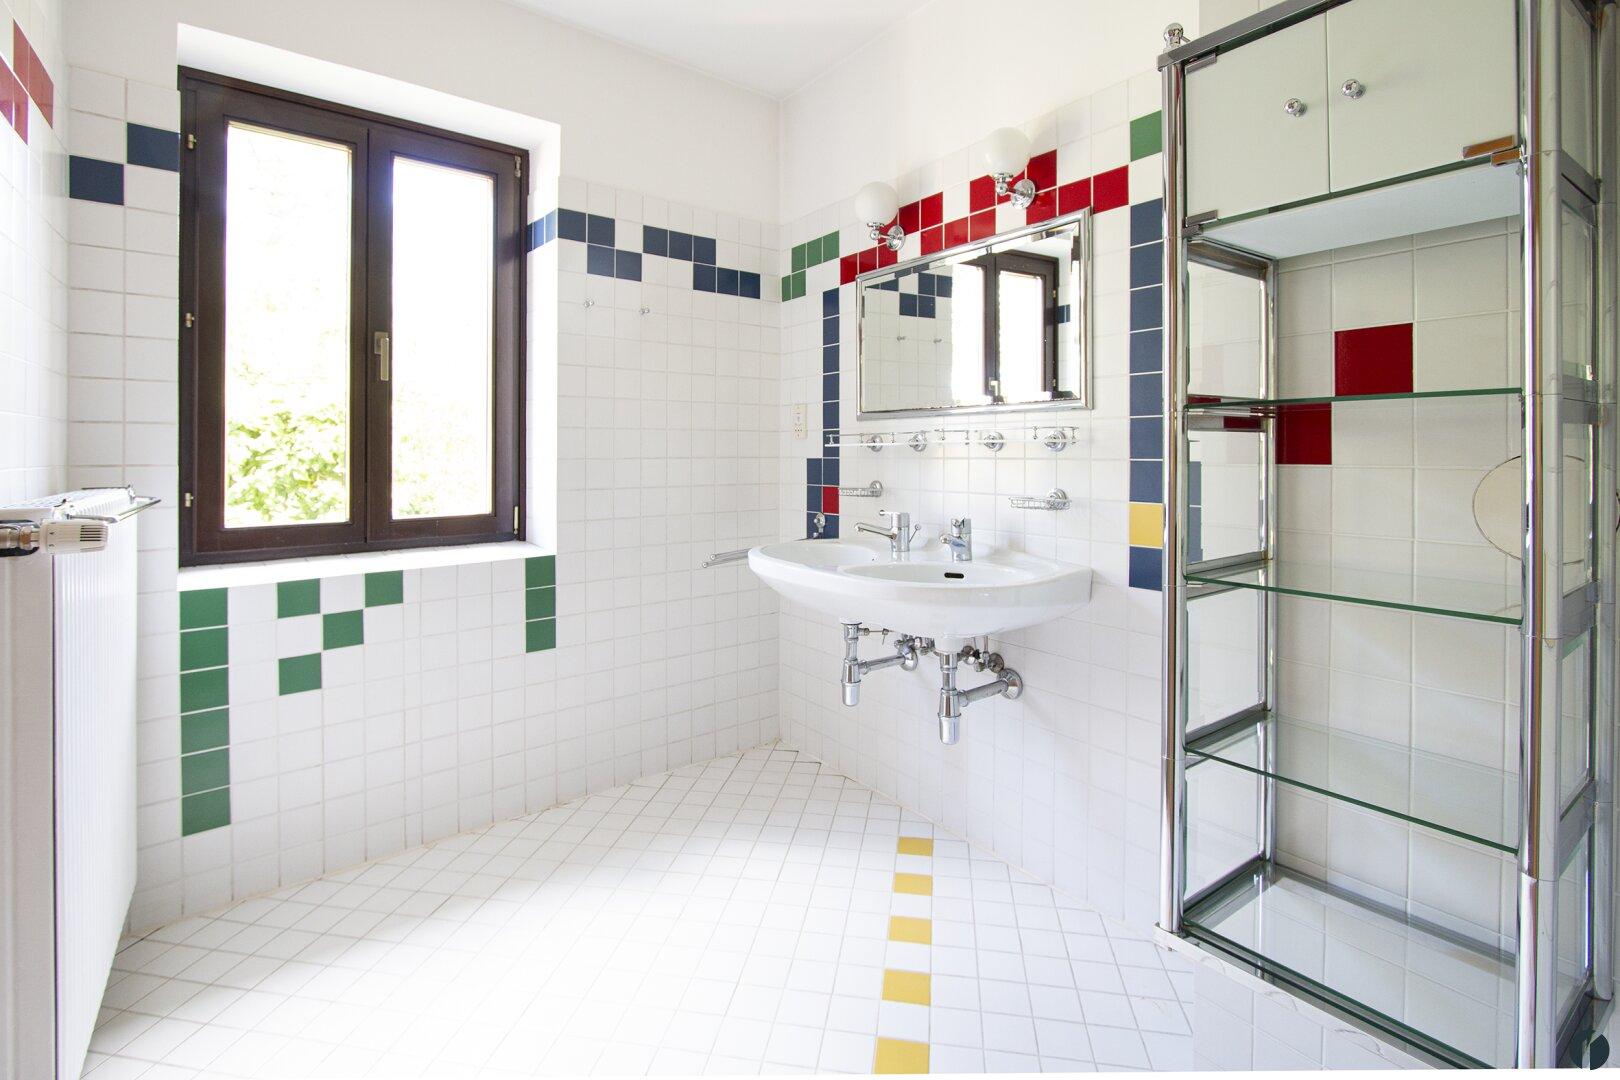 zweites Badezimmer im Obergeschoss